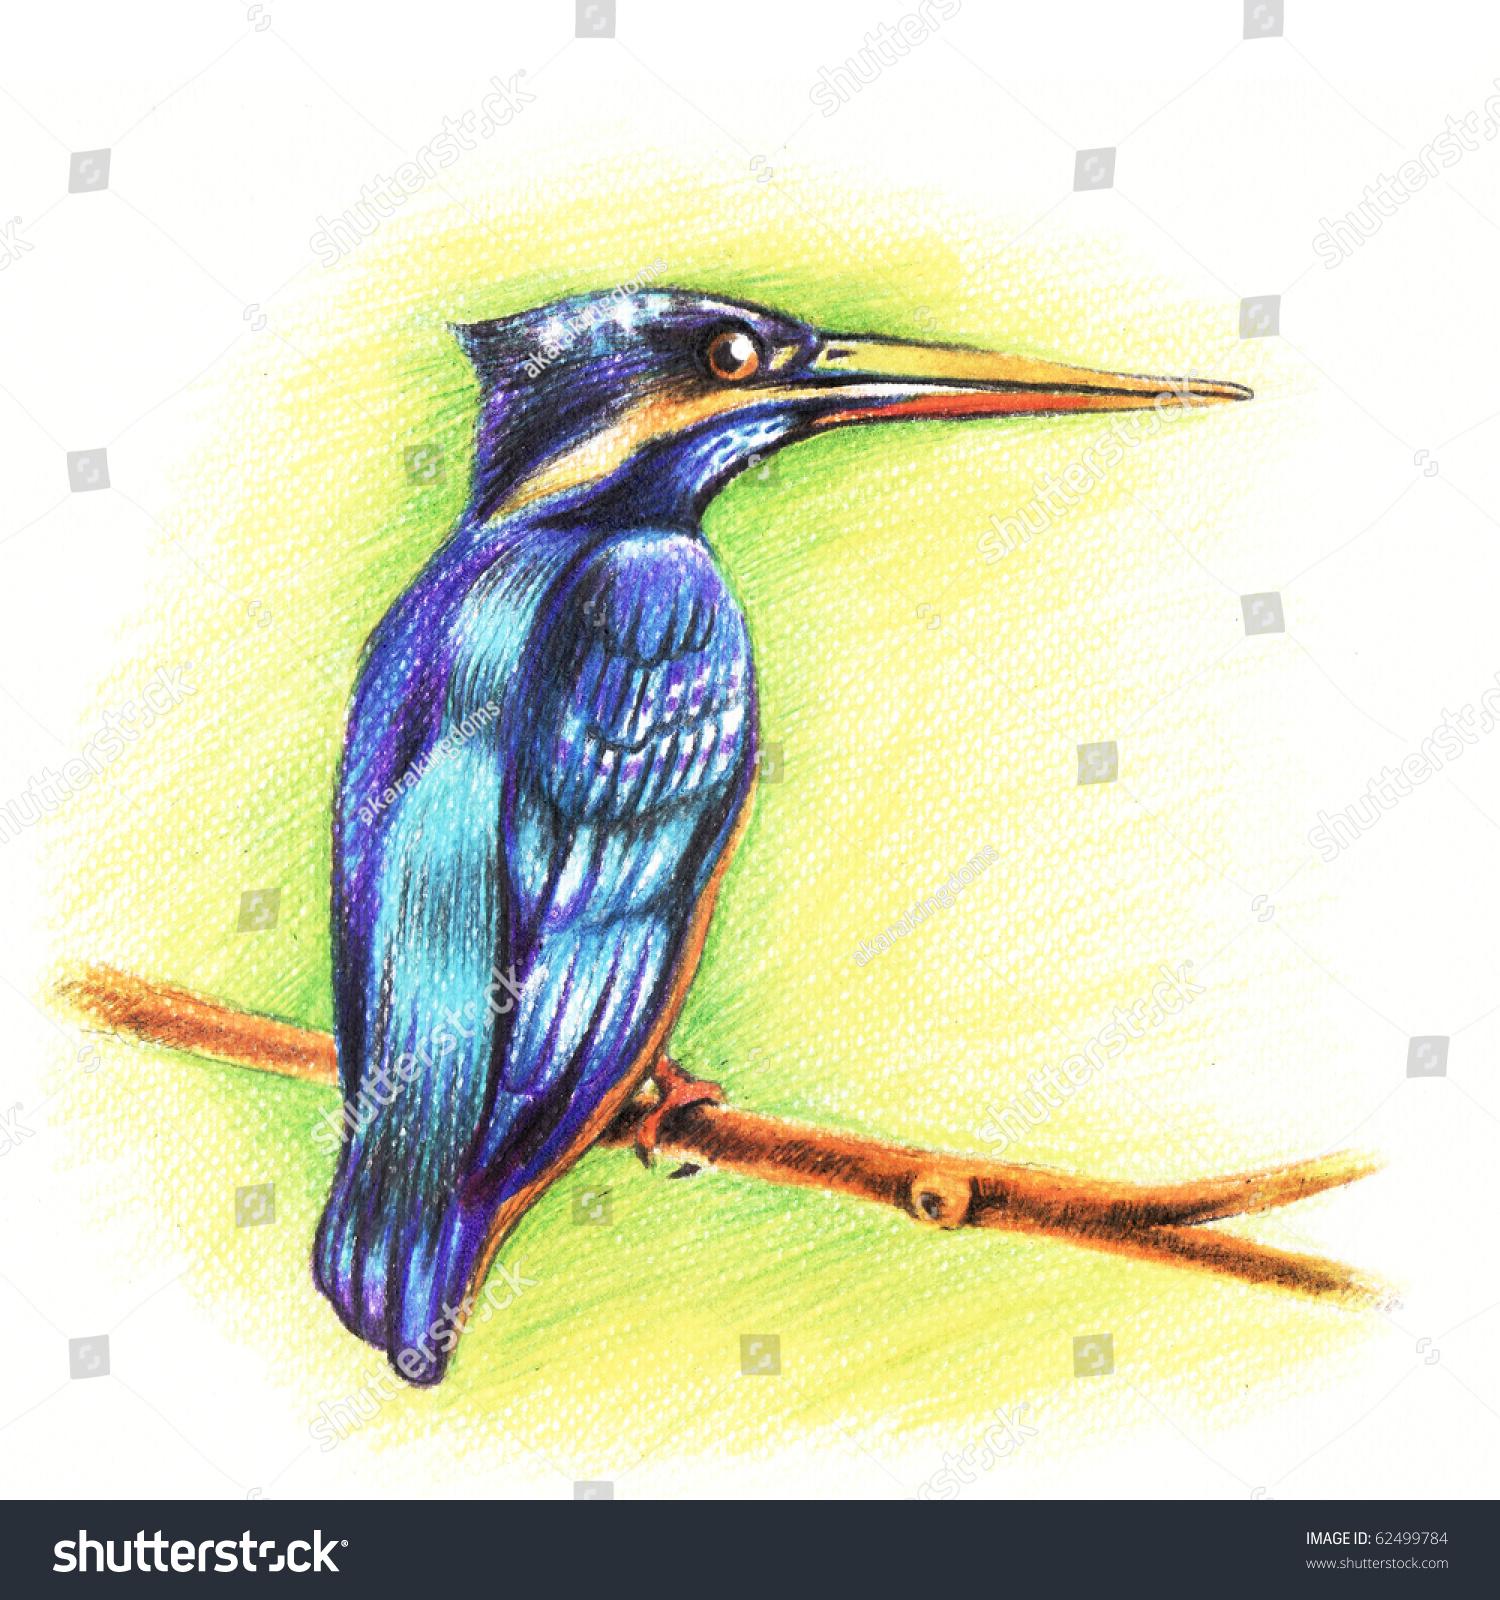 翠鸟鸟蜡笔手绘-艺术,动物/野生生物-海洛创意()-中国